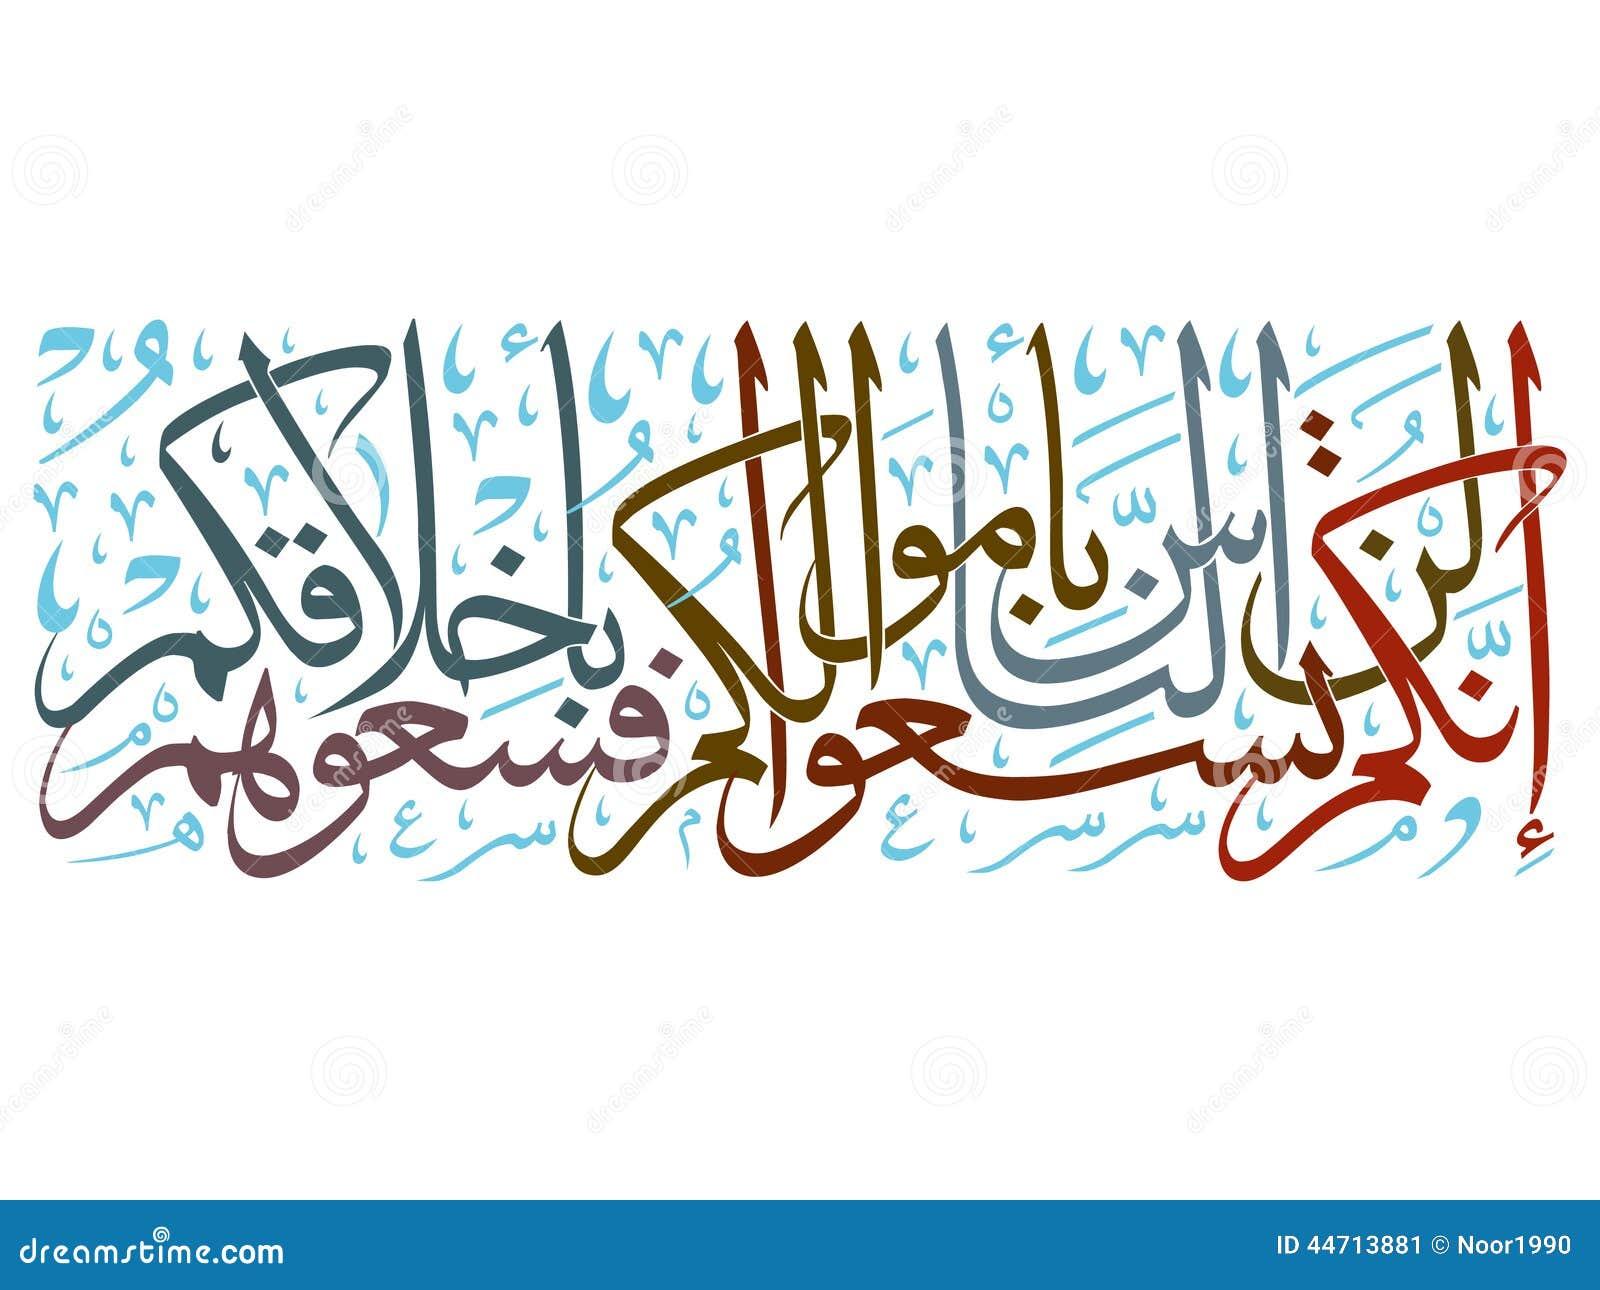 Words Of Wisdom Of Prophet Muhammad Stock Vector Image